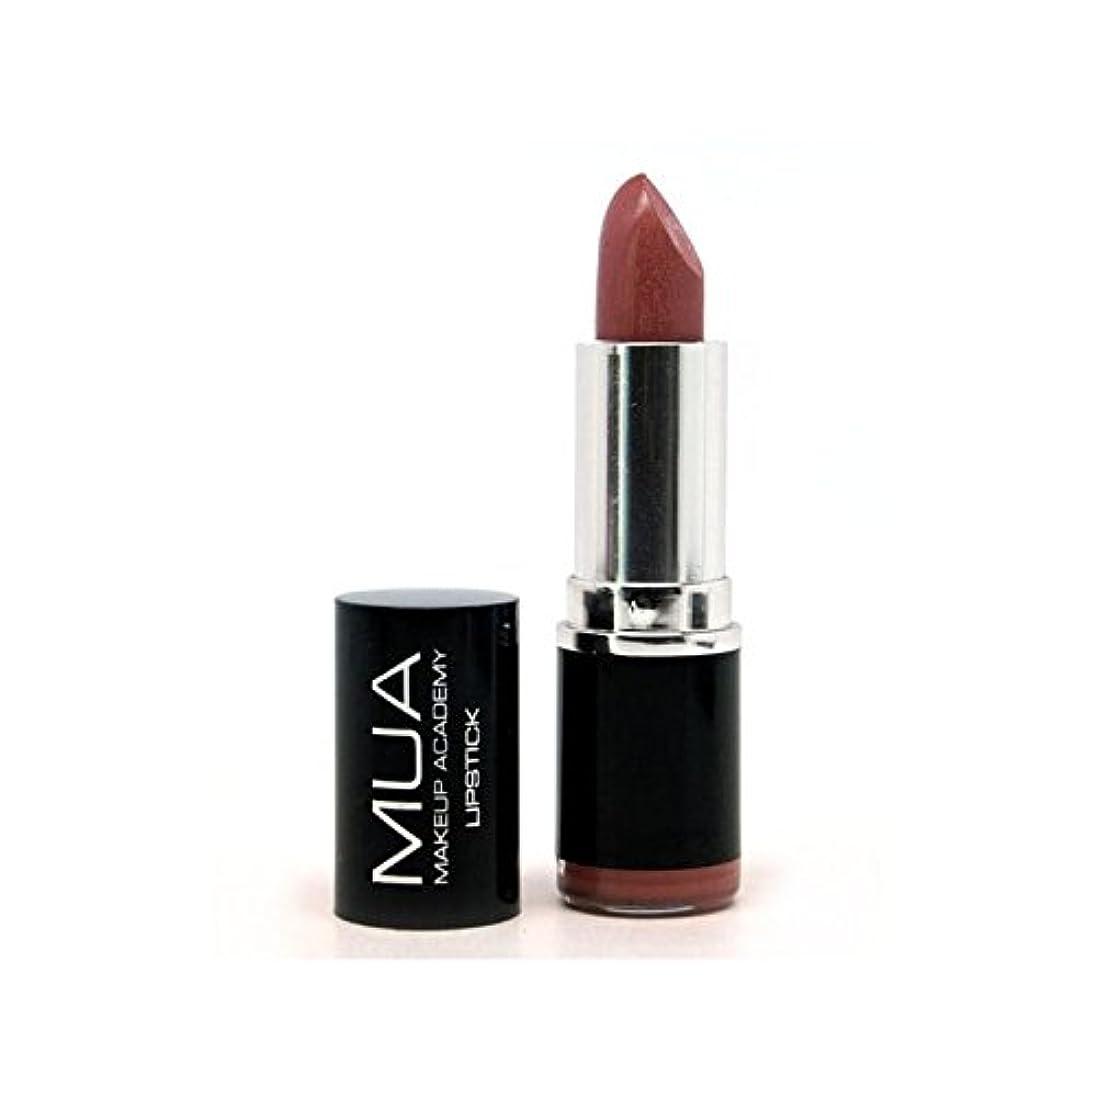 つかまえる国旗クリームの口紅 - 日陰11 x4 - MUA Lipstick - Shade 11 (Pack of 4) [並行輸入品]